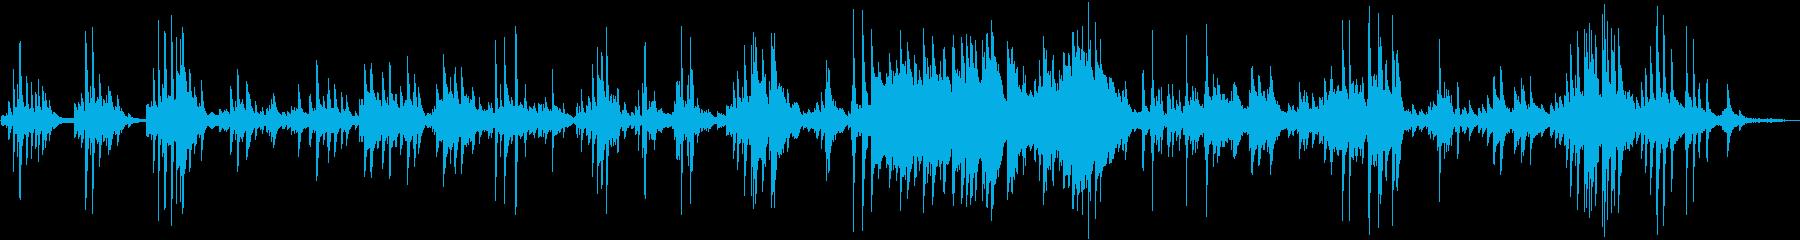 ピアノ×Pad音色の爽やかなソロ演奏曲…の再生済みの波形